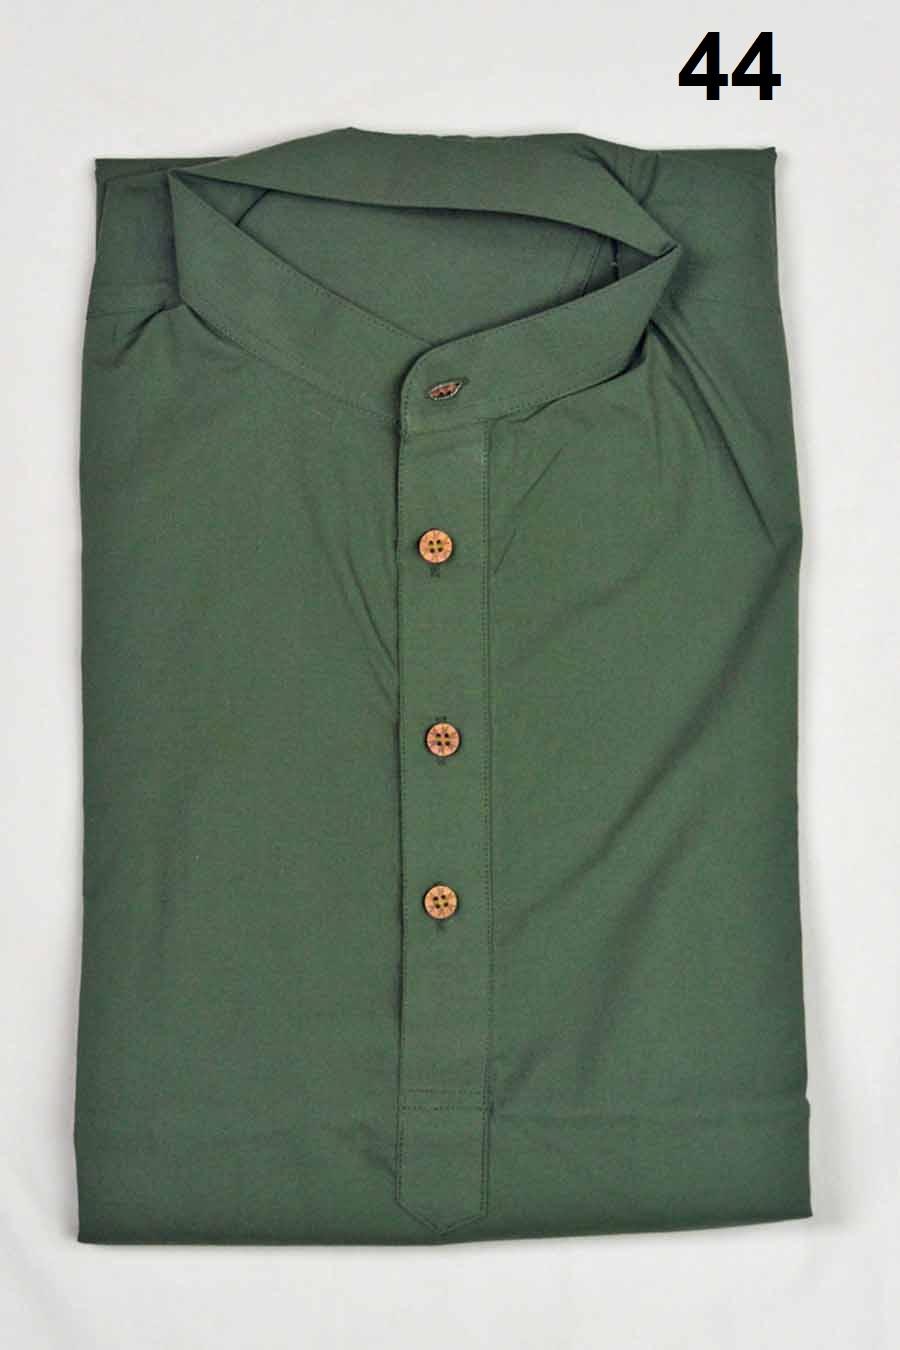 Cotton Kurta 9139 - 44